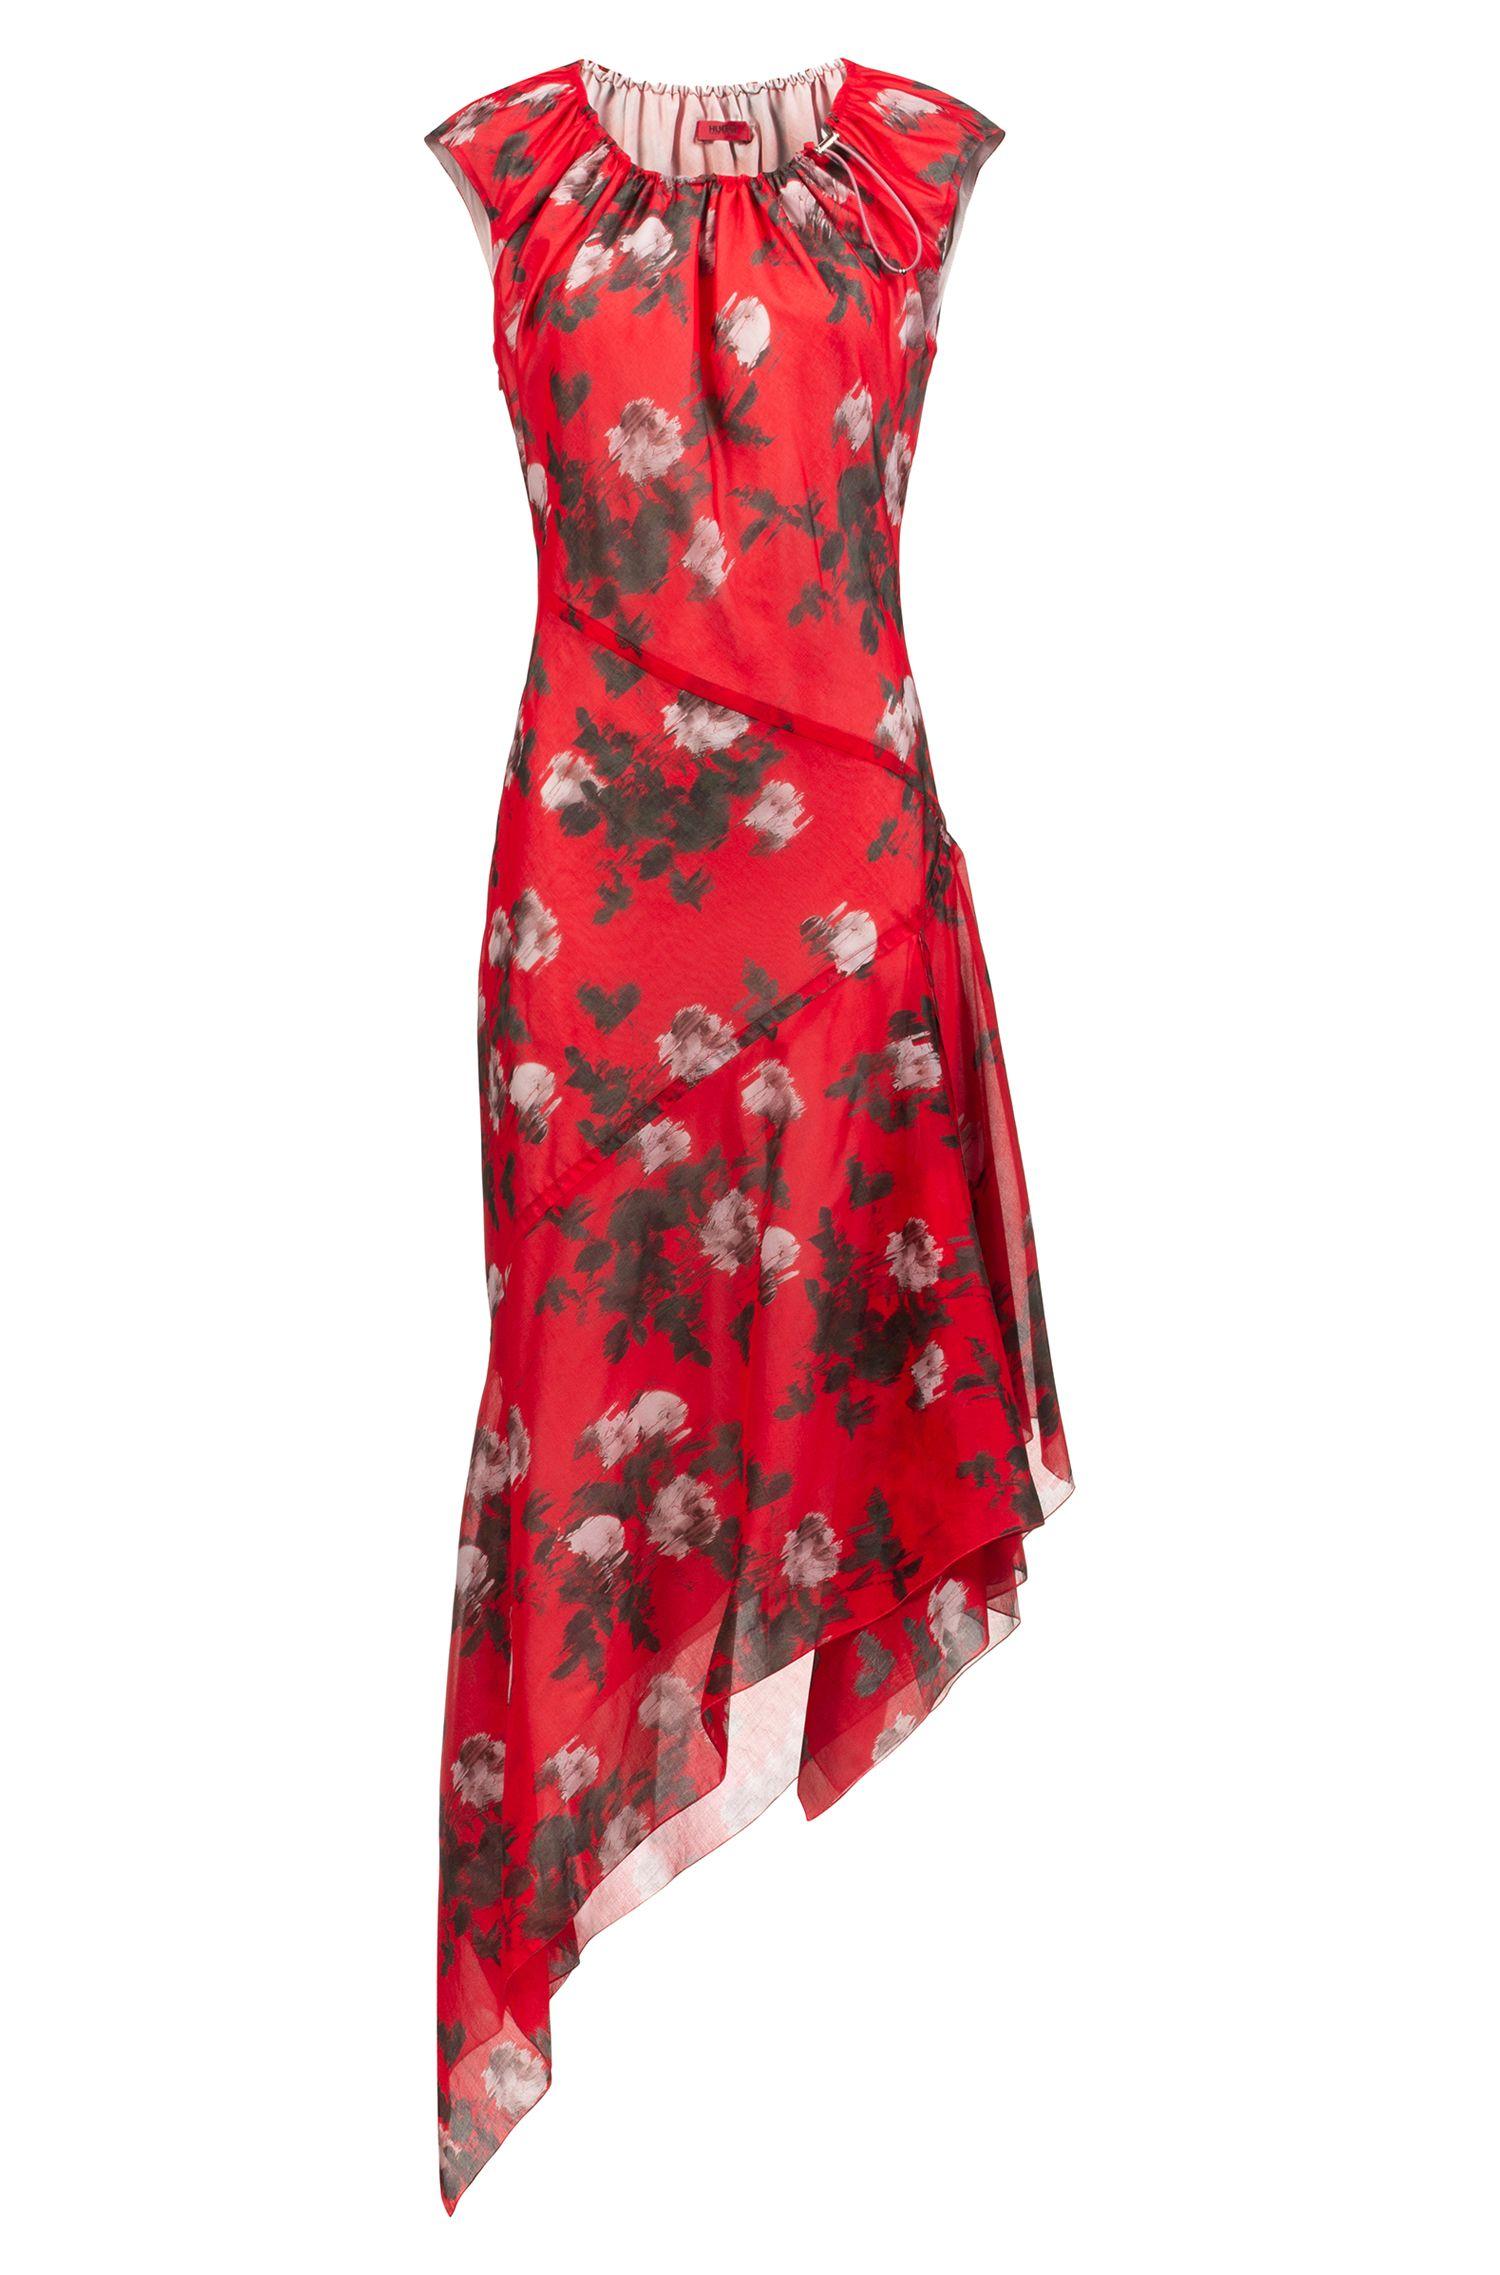 Robe à base asymétrique à imprimé à fleurs et cordon de serrage à l'encolure, Fantaisie